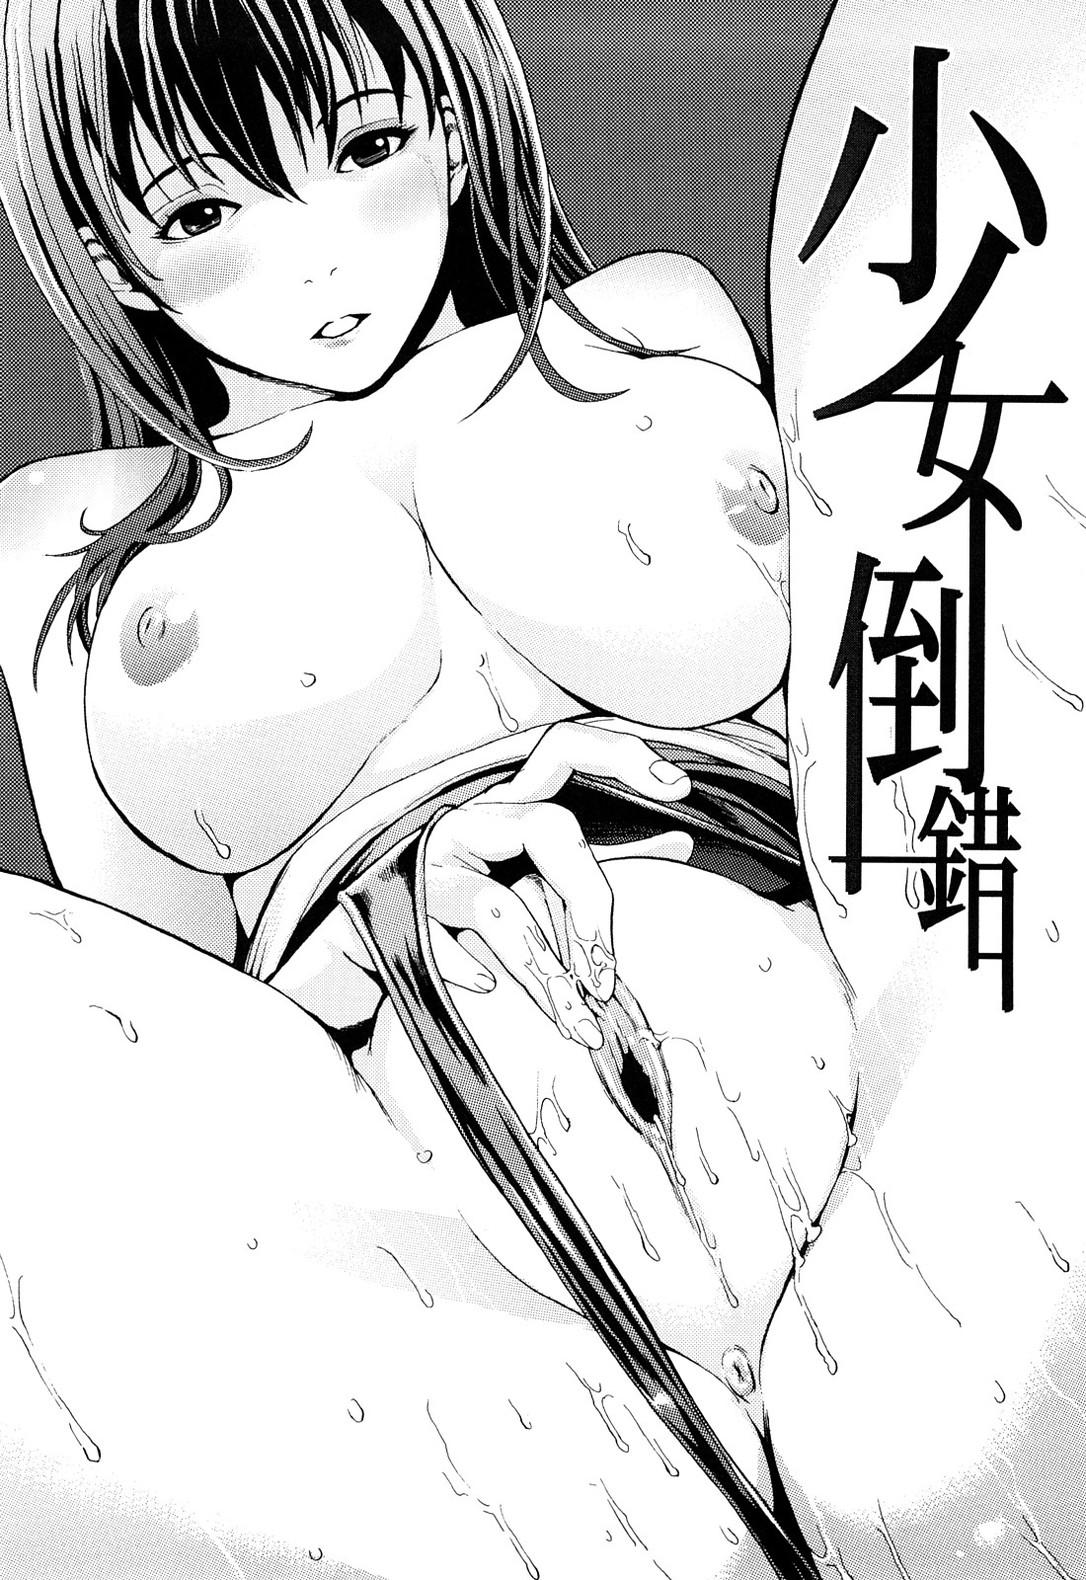 【エロ漫画】部活後に男子更衣室でオナニーするのが楽しみな水泳部の美少女JKが教師に見られ3Pレイプで中出しされる!